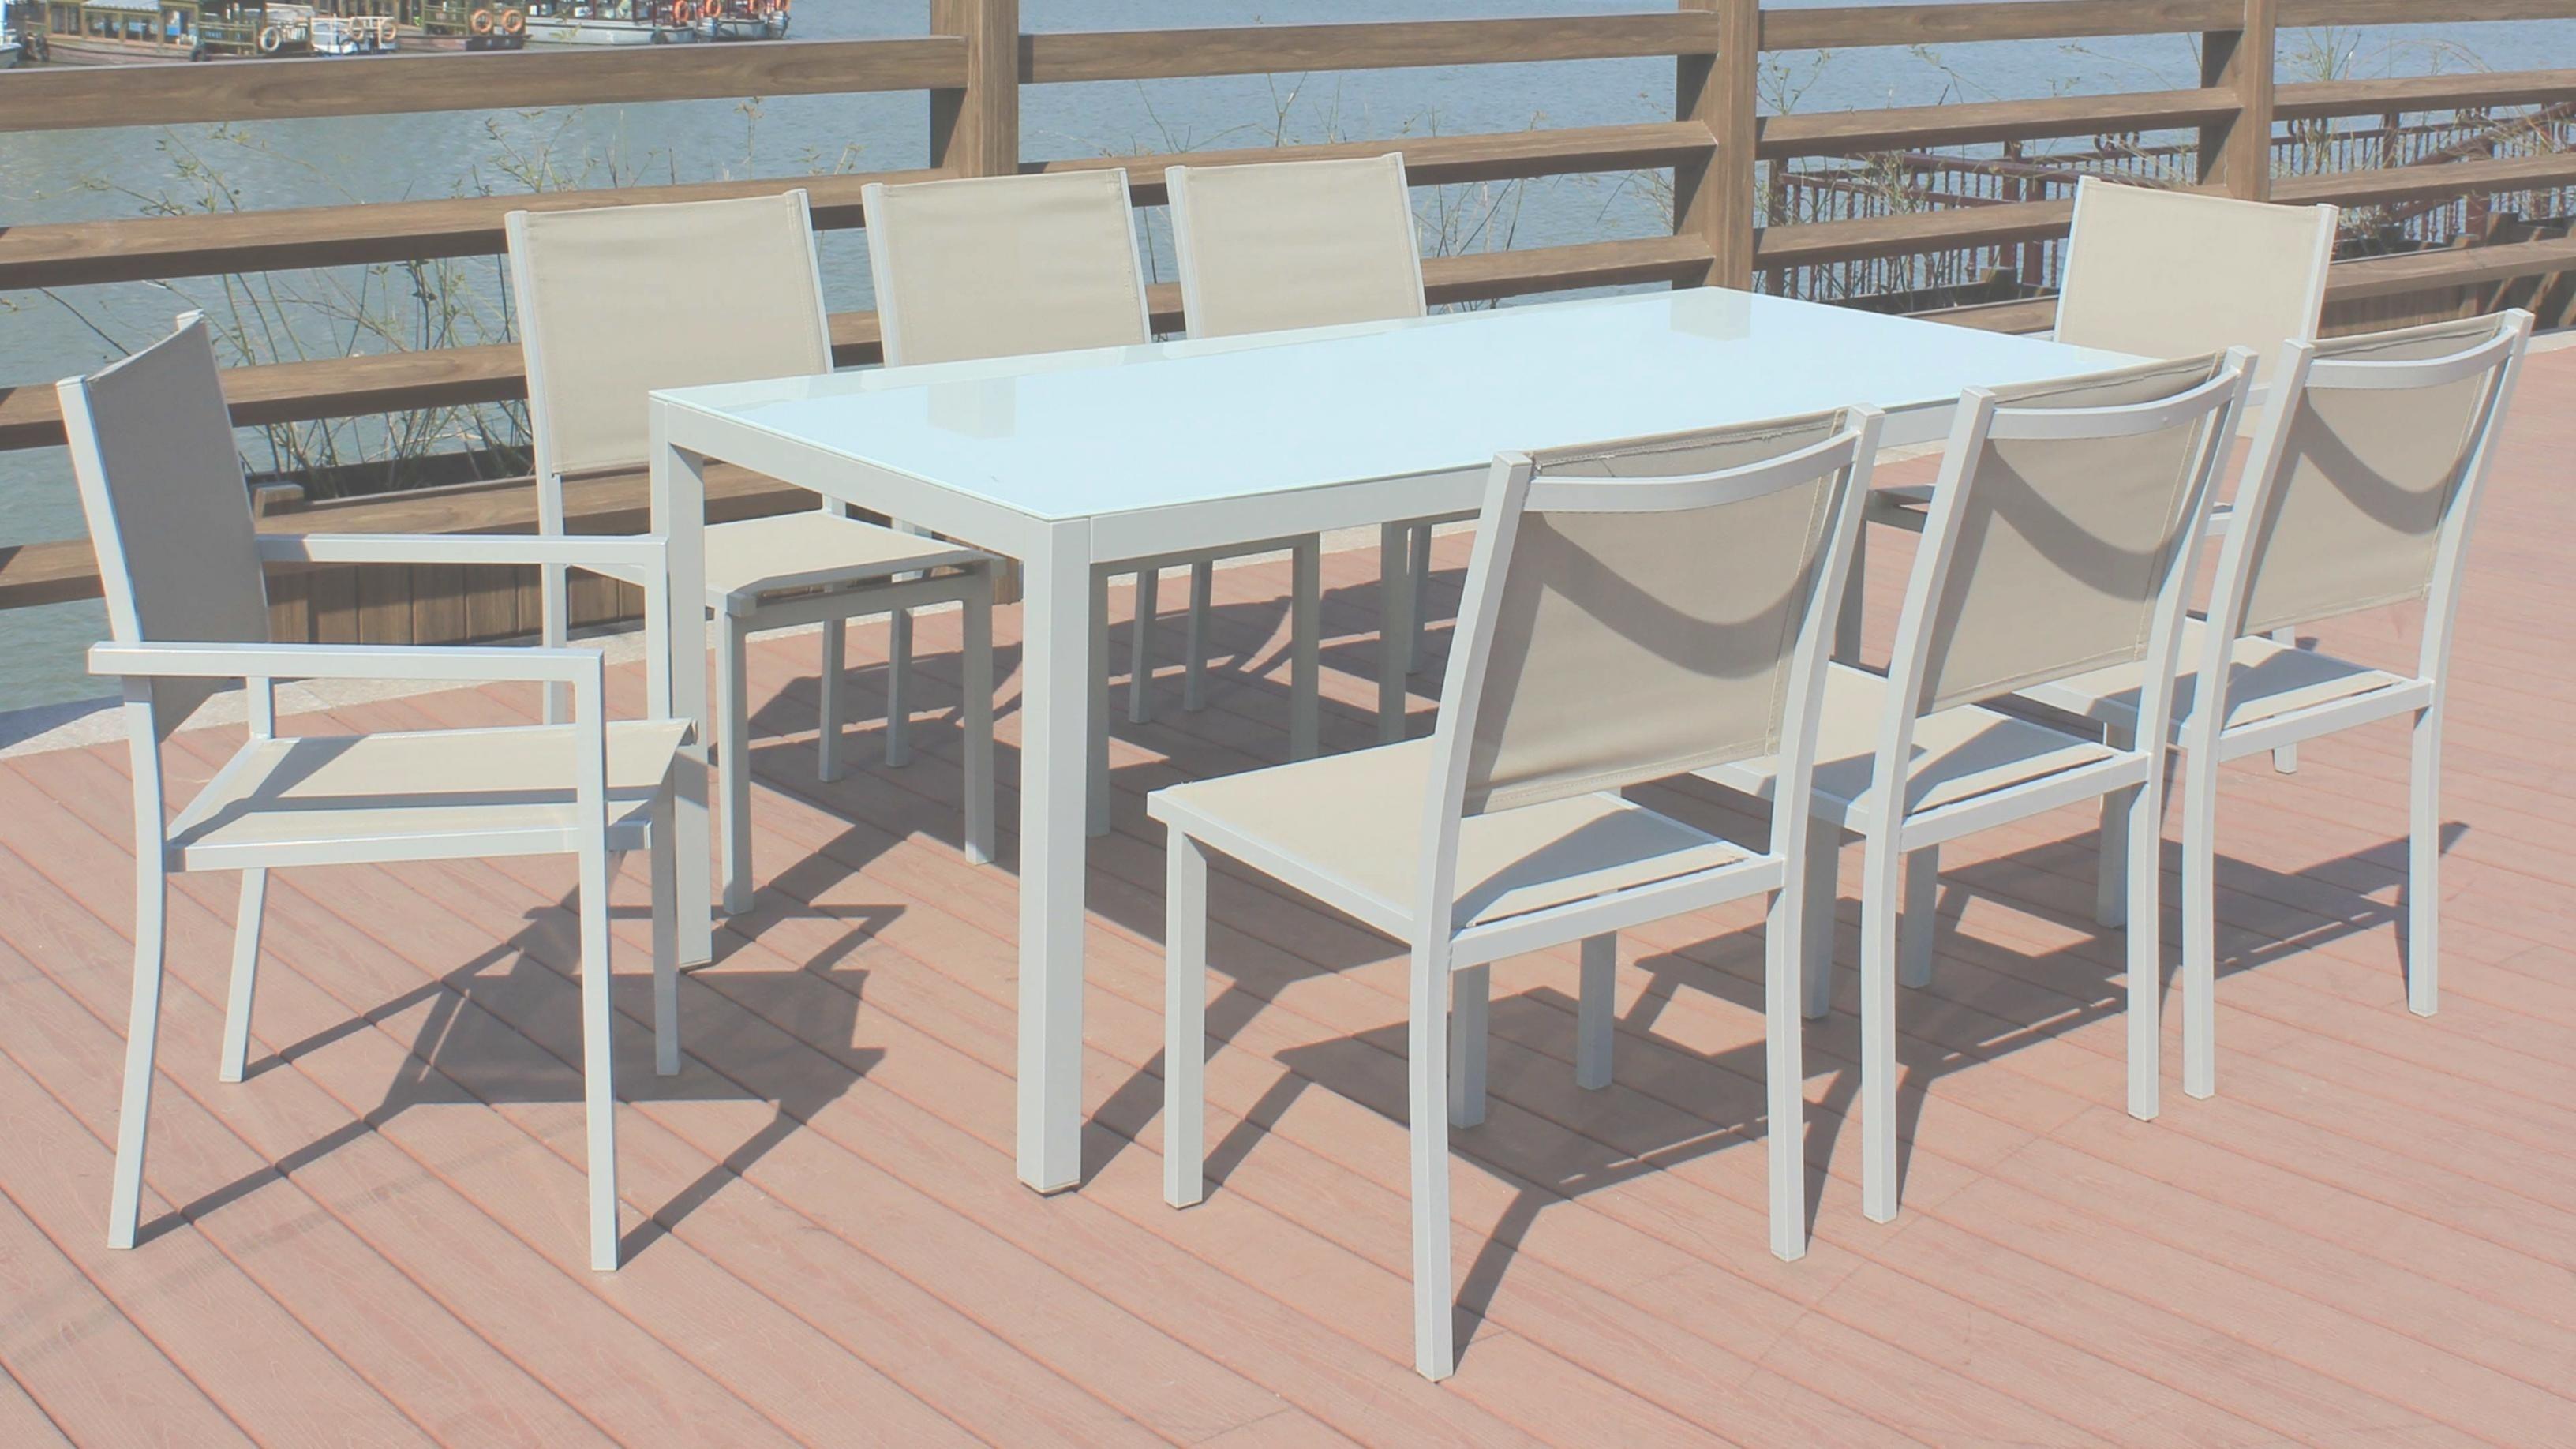 Salon de jardin barcelona 200cm aluminium 1 table + 8 fauteuils